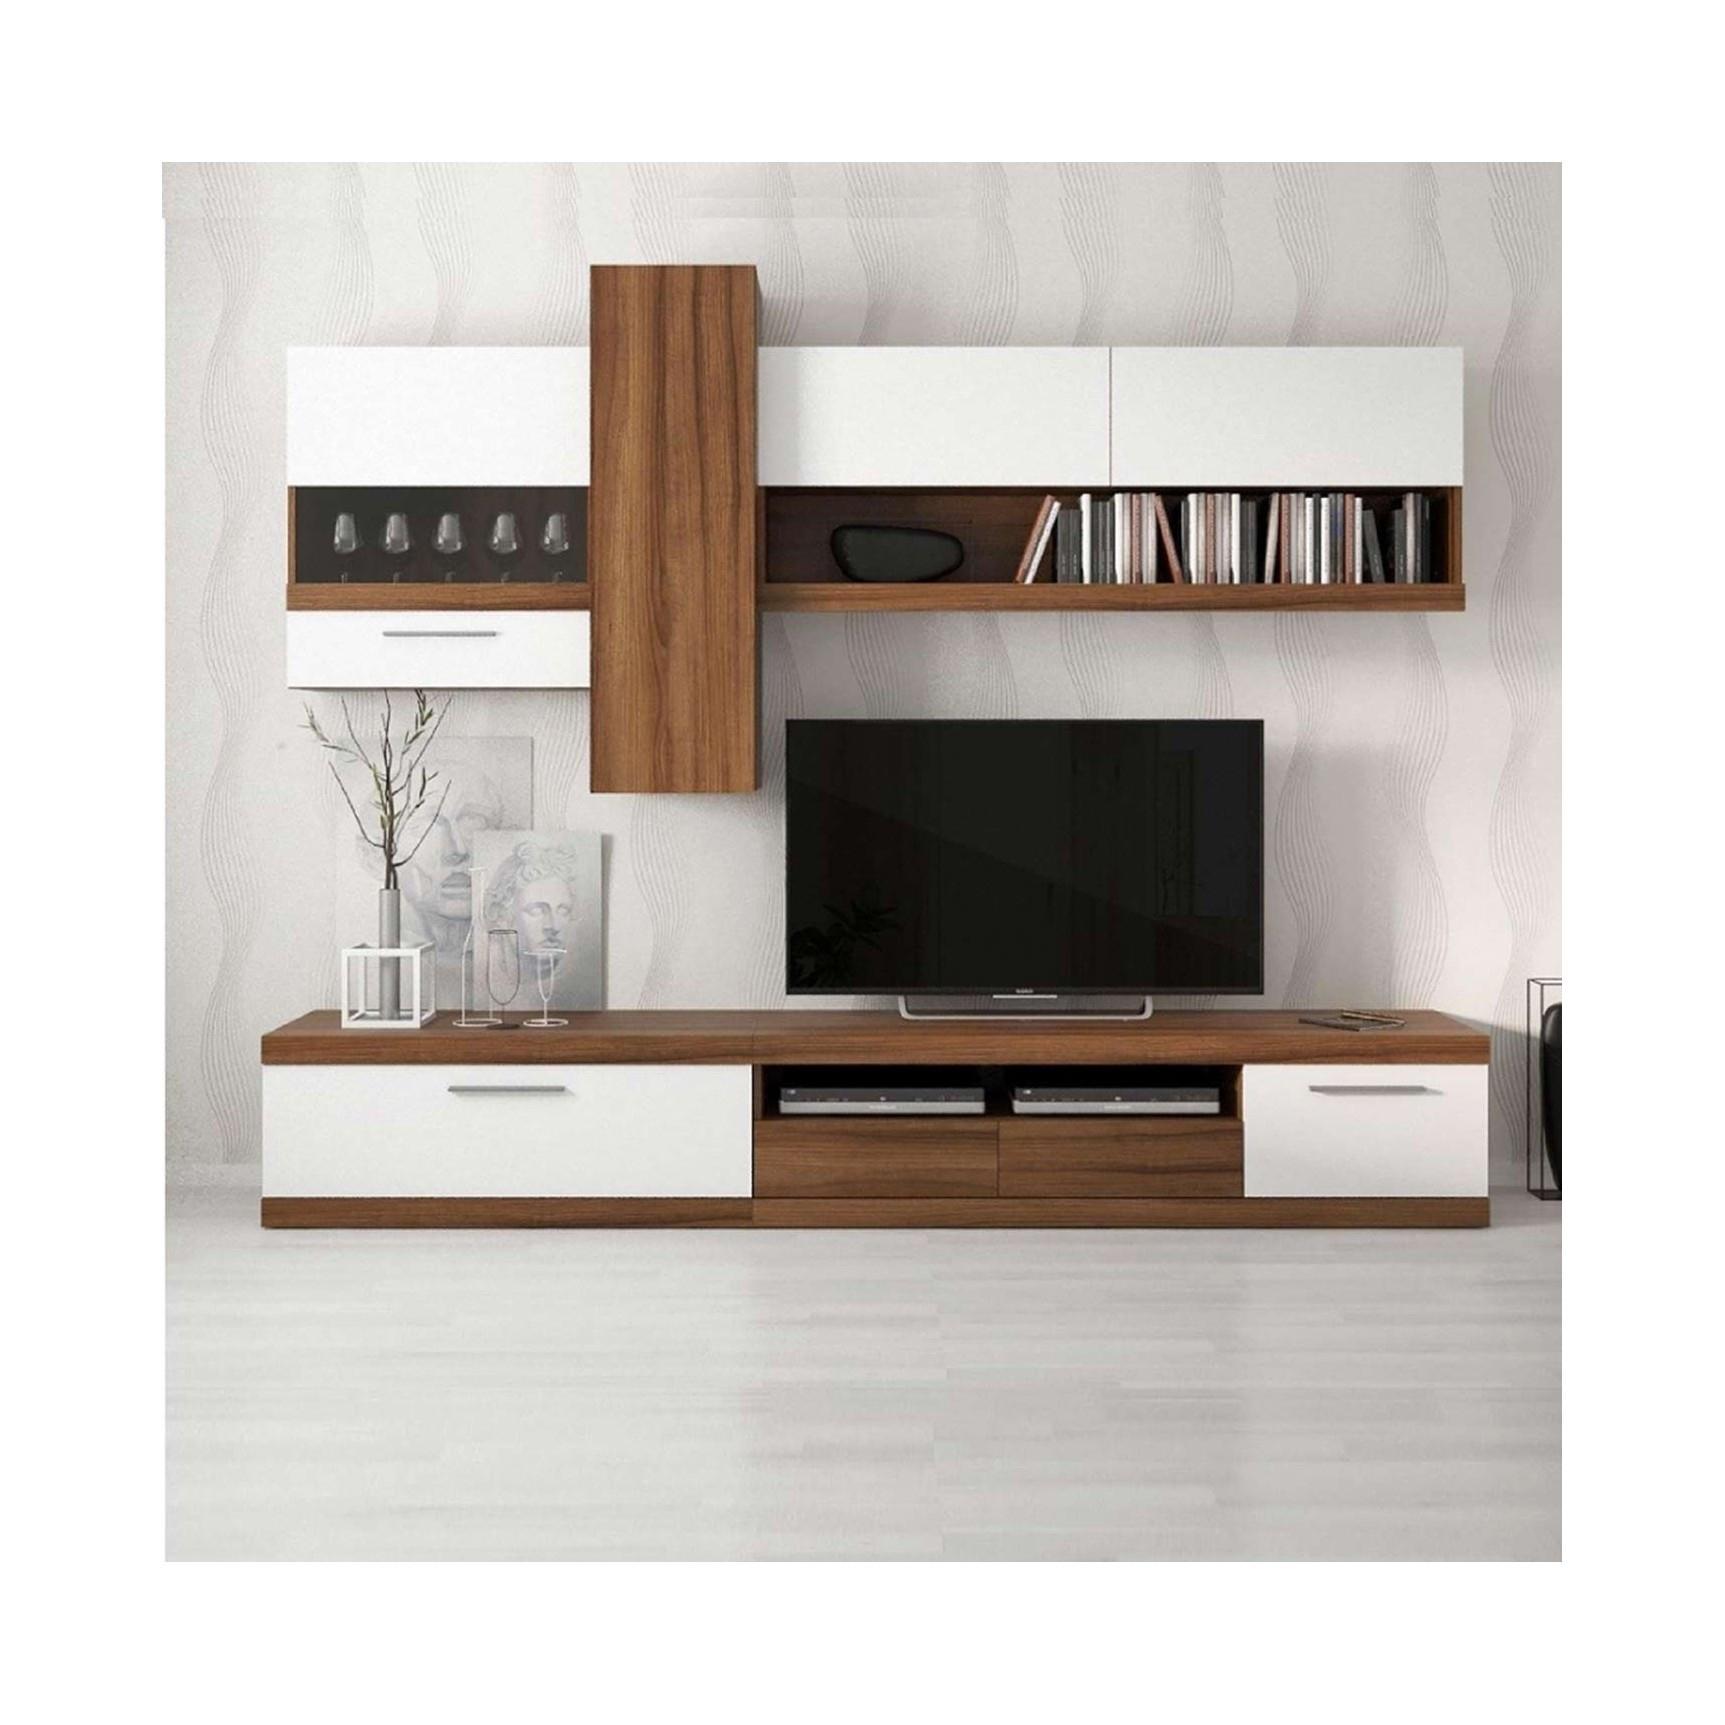 Meuble Tv Placo Design Unique Collection Luxe 40 De Meuble Tv 2m Opinion